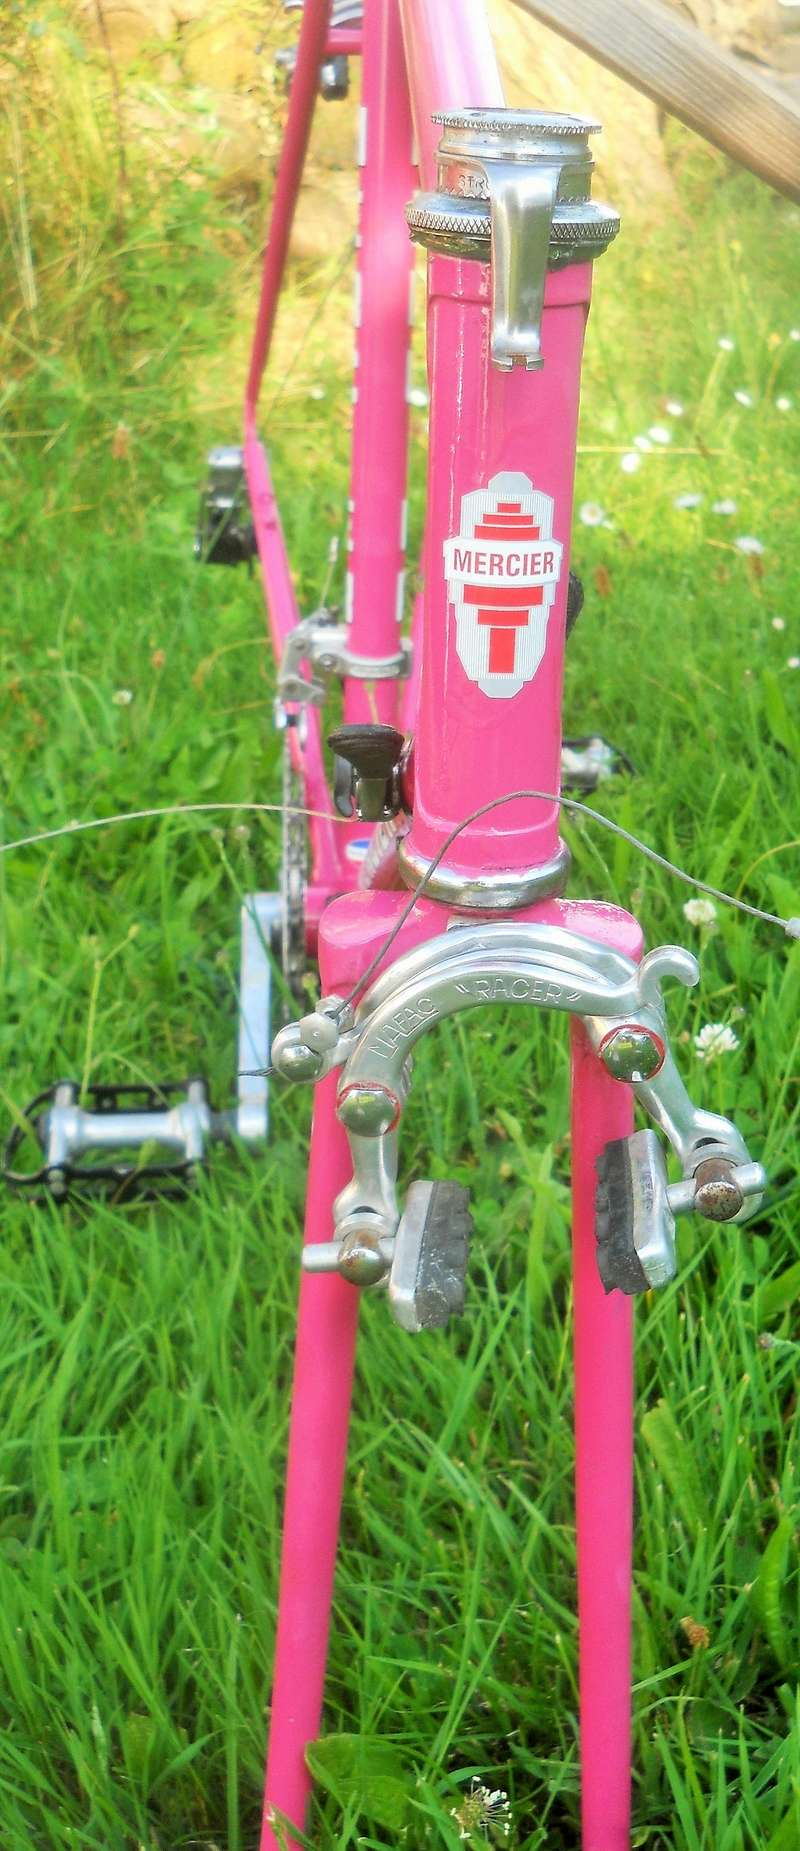 MERCIER rose 531 1977 Dscn8474